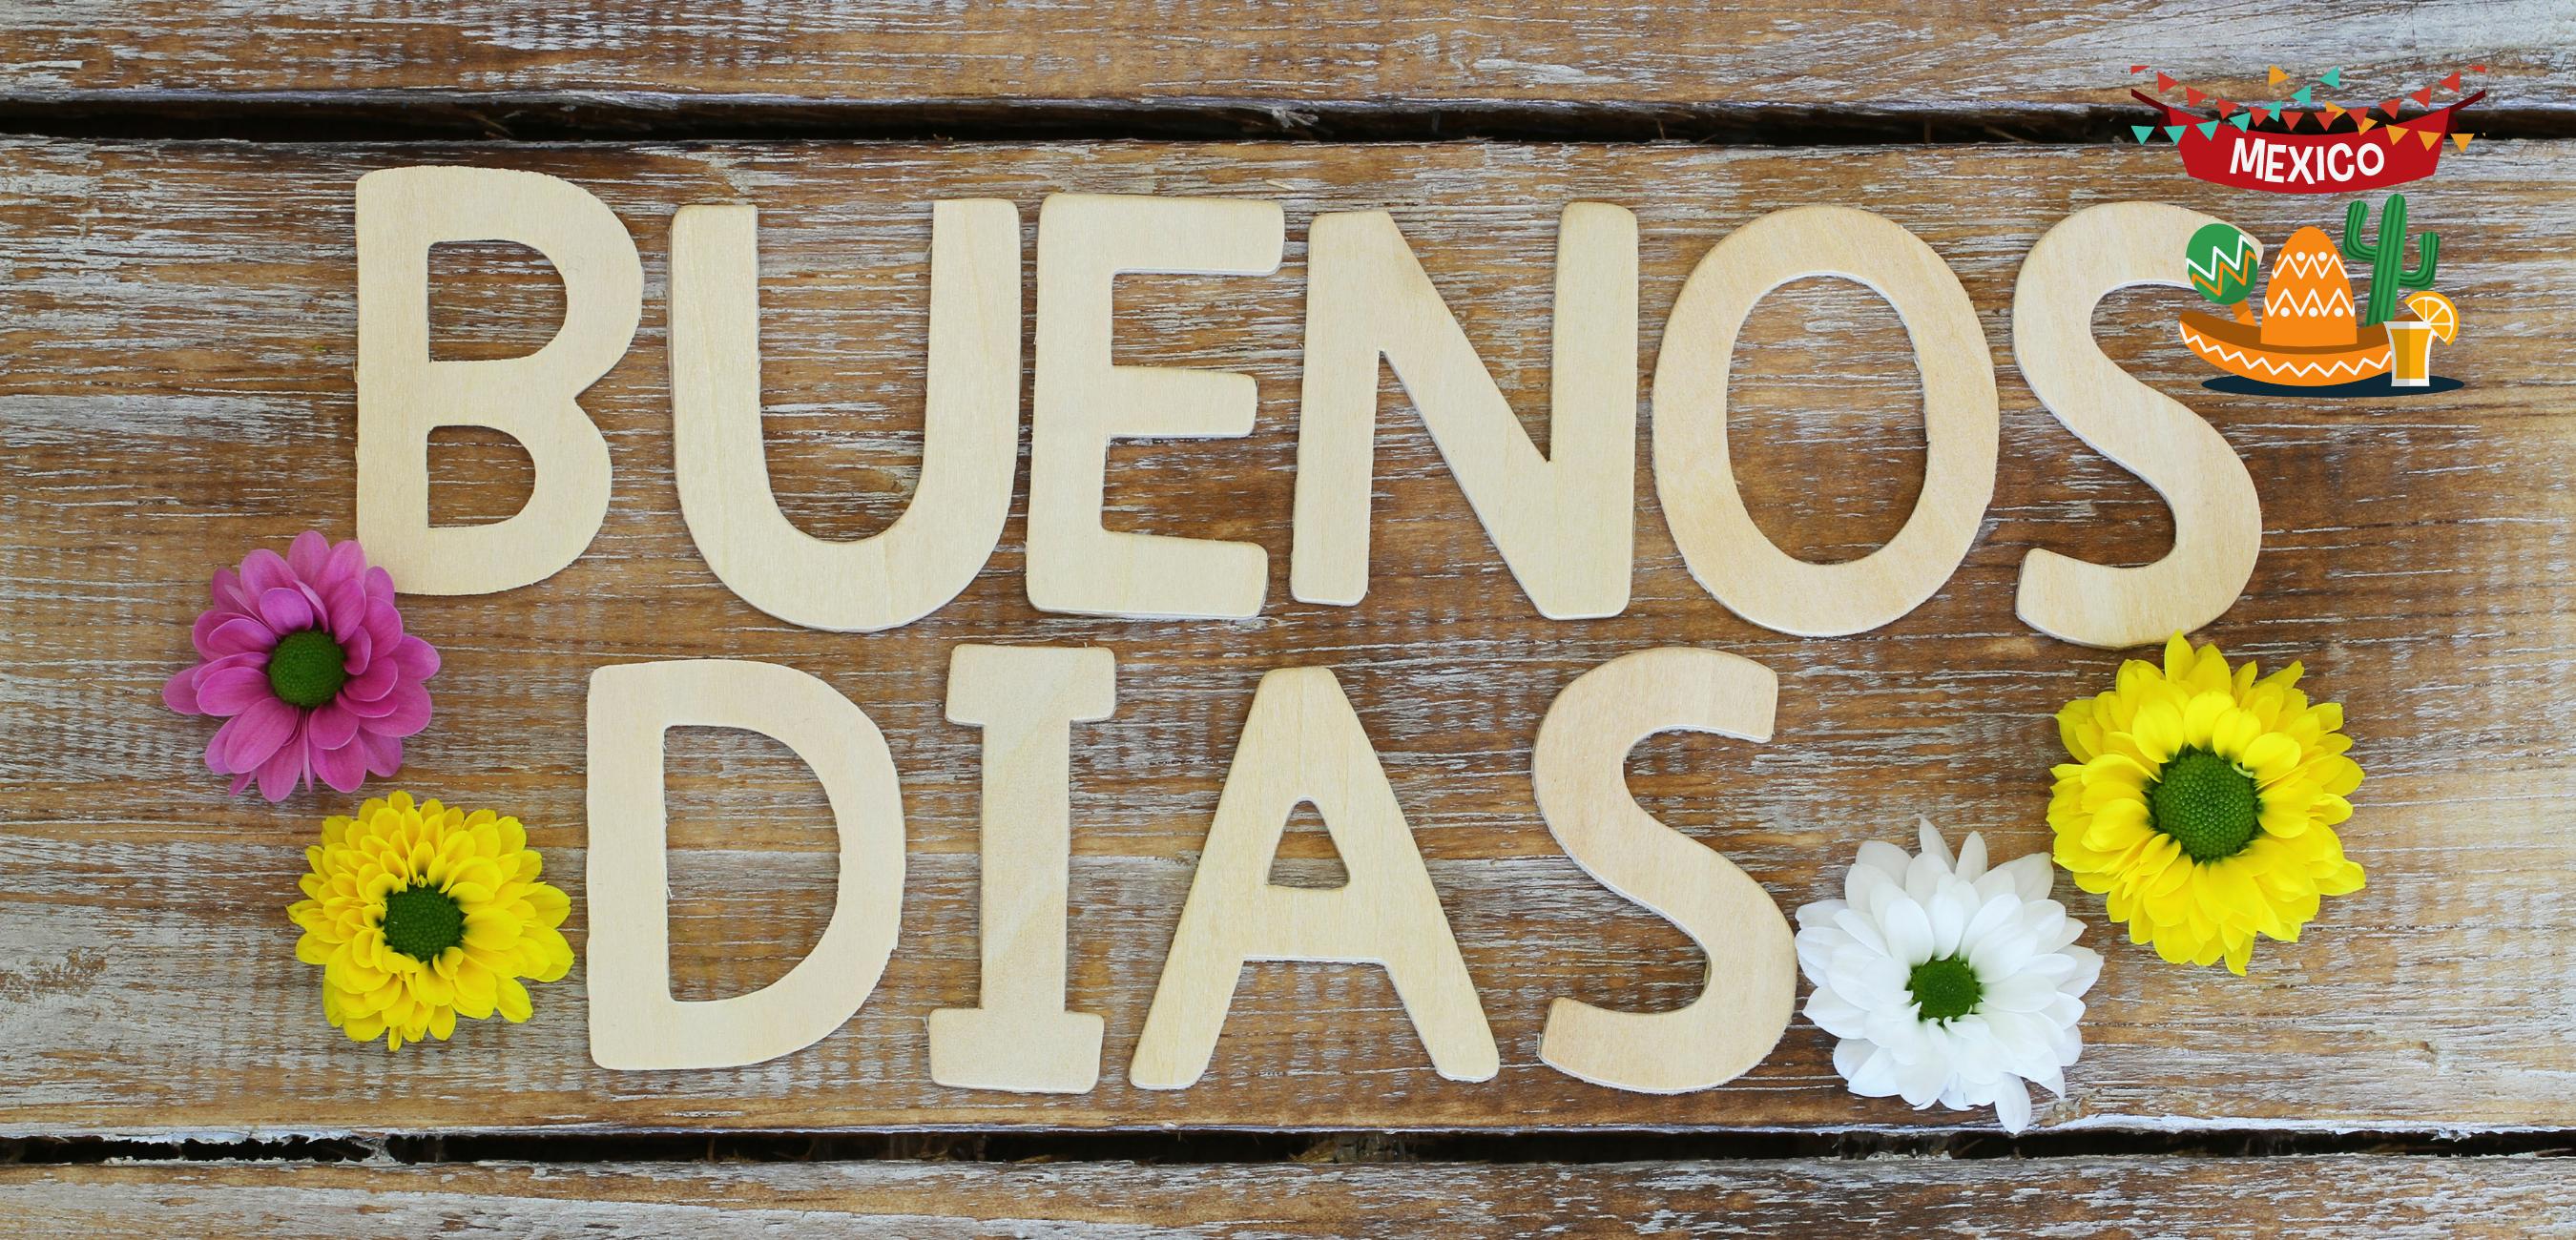 Mexikanisches Spanisch: Buenos dias